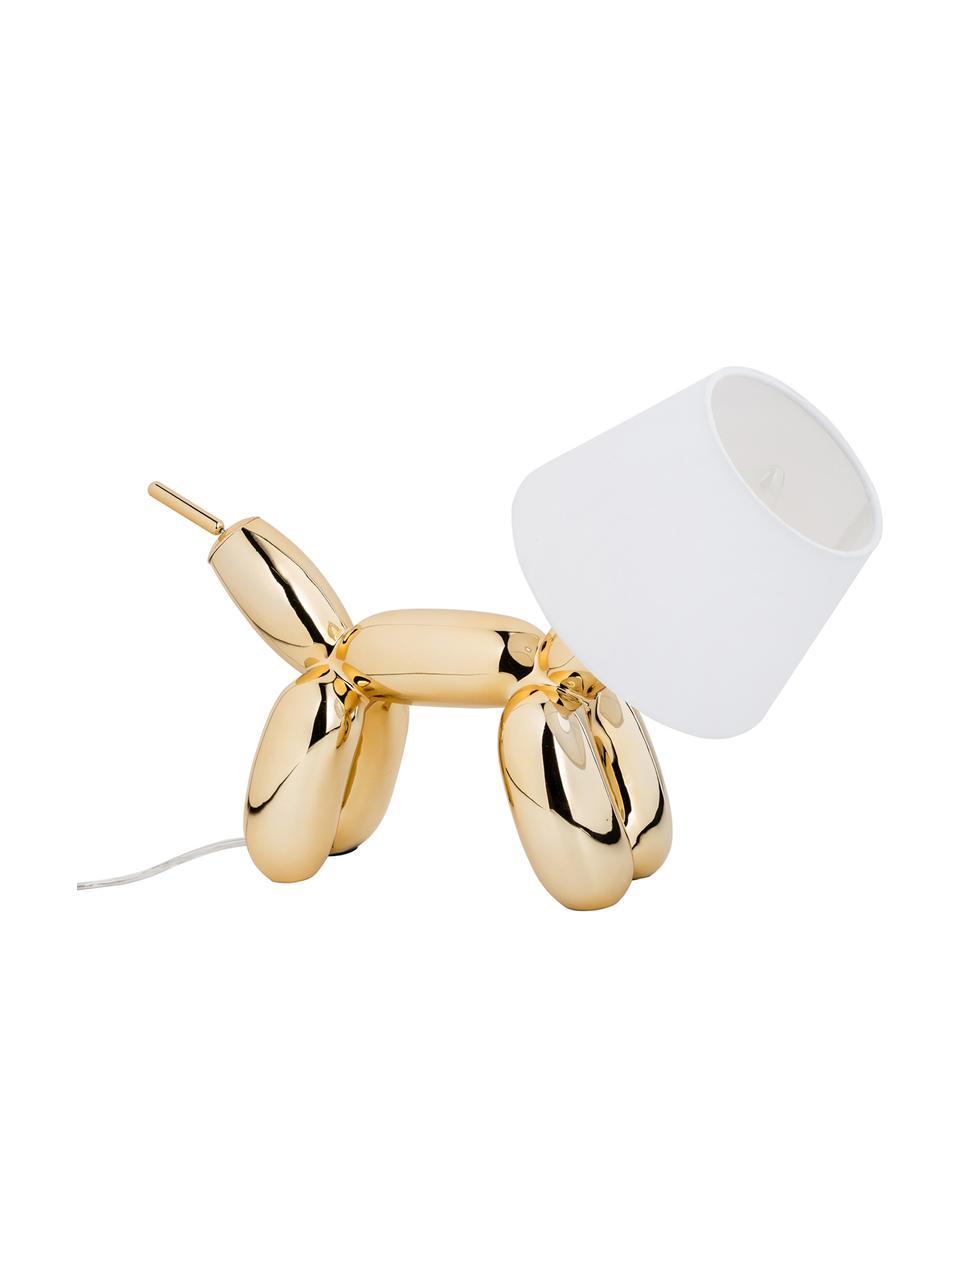 Design Tischlampe Doggy, Lampenfuß: Kunstharz, Goldfarben, Weiß, 40 x 30 cm